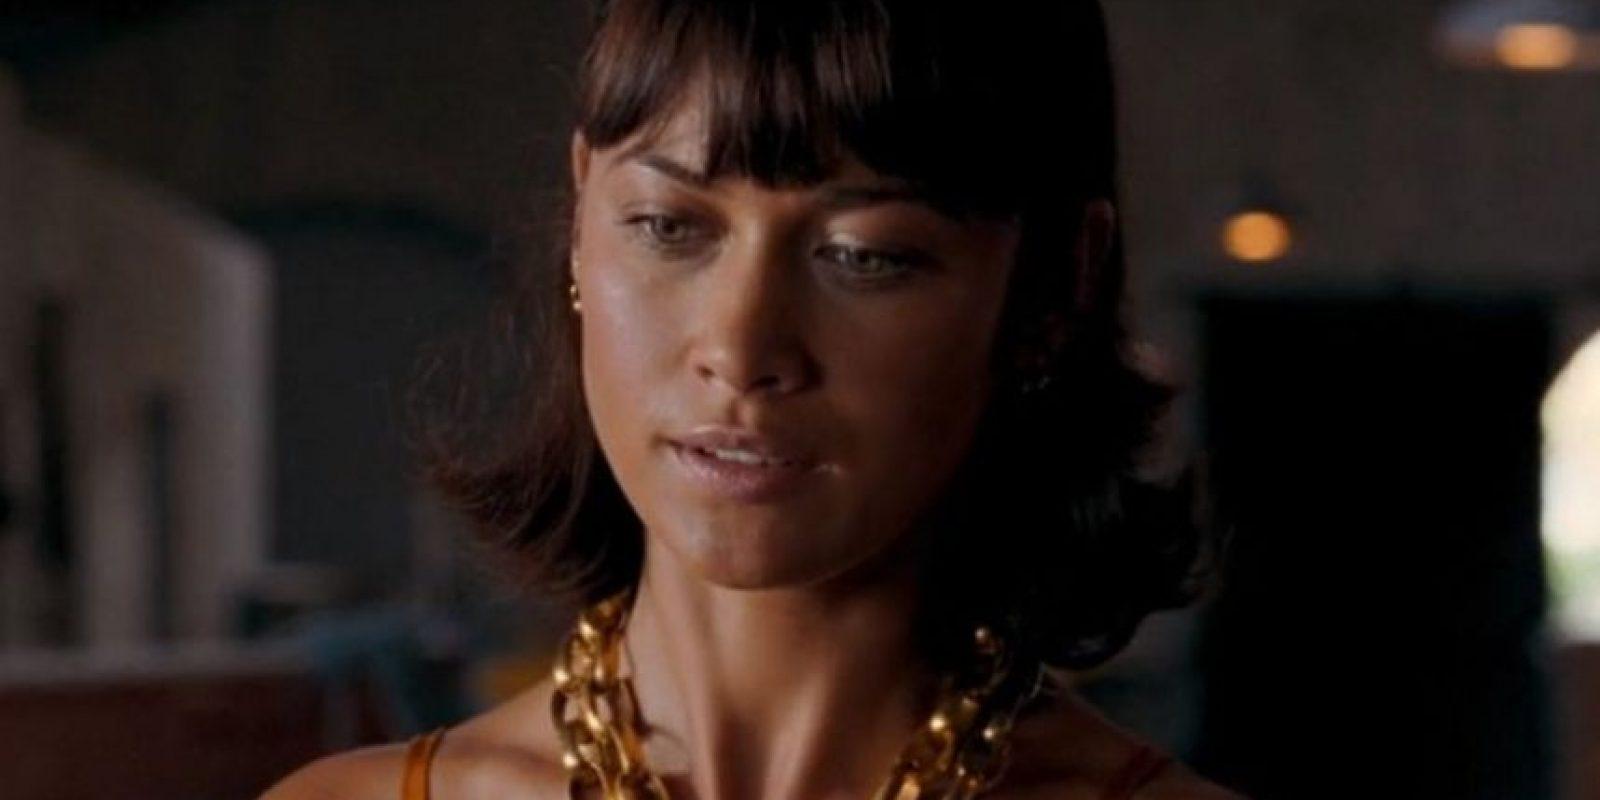 Olga Kurylenco, Camille Montes es la amante de Dominic Green quien la manda a matar porque cree que lo esta traicionando pero ella lo único que busca es vengarse del Gral. Medrano quien asesino y violo a su familia.